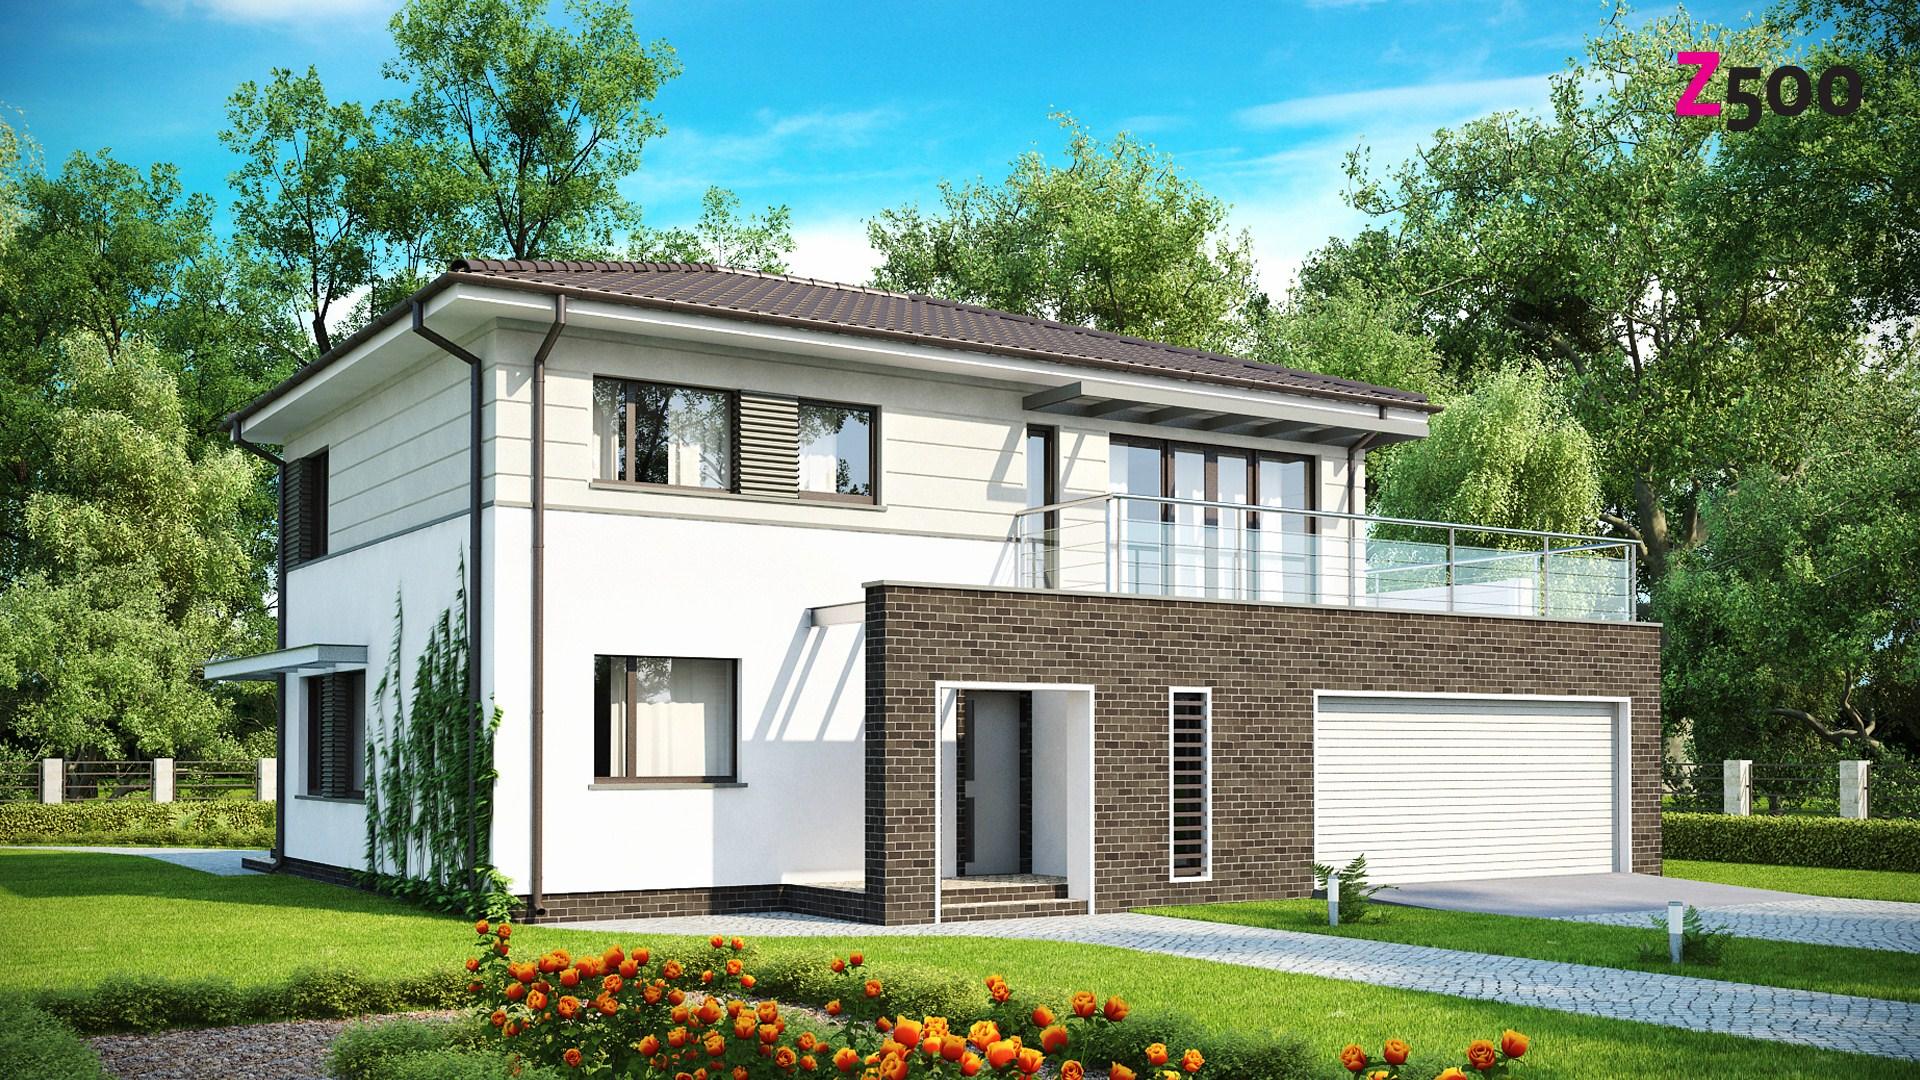 Proiect de Casa cu etaj si garaj pentru 2 automobile 315